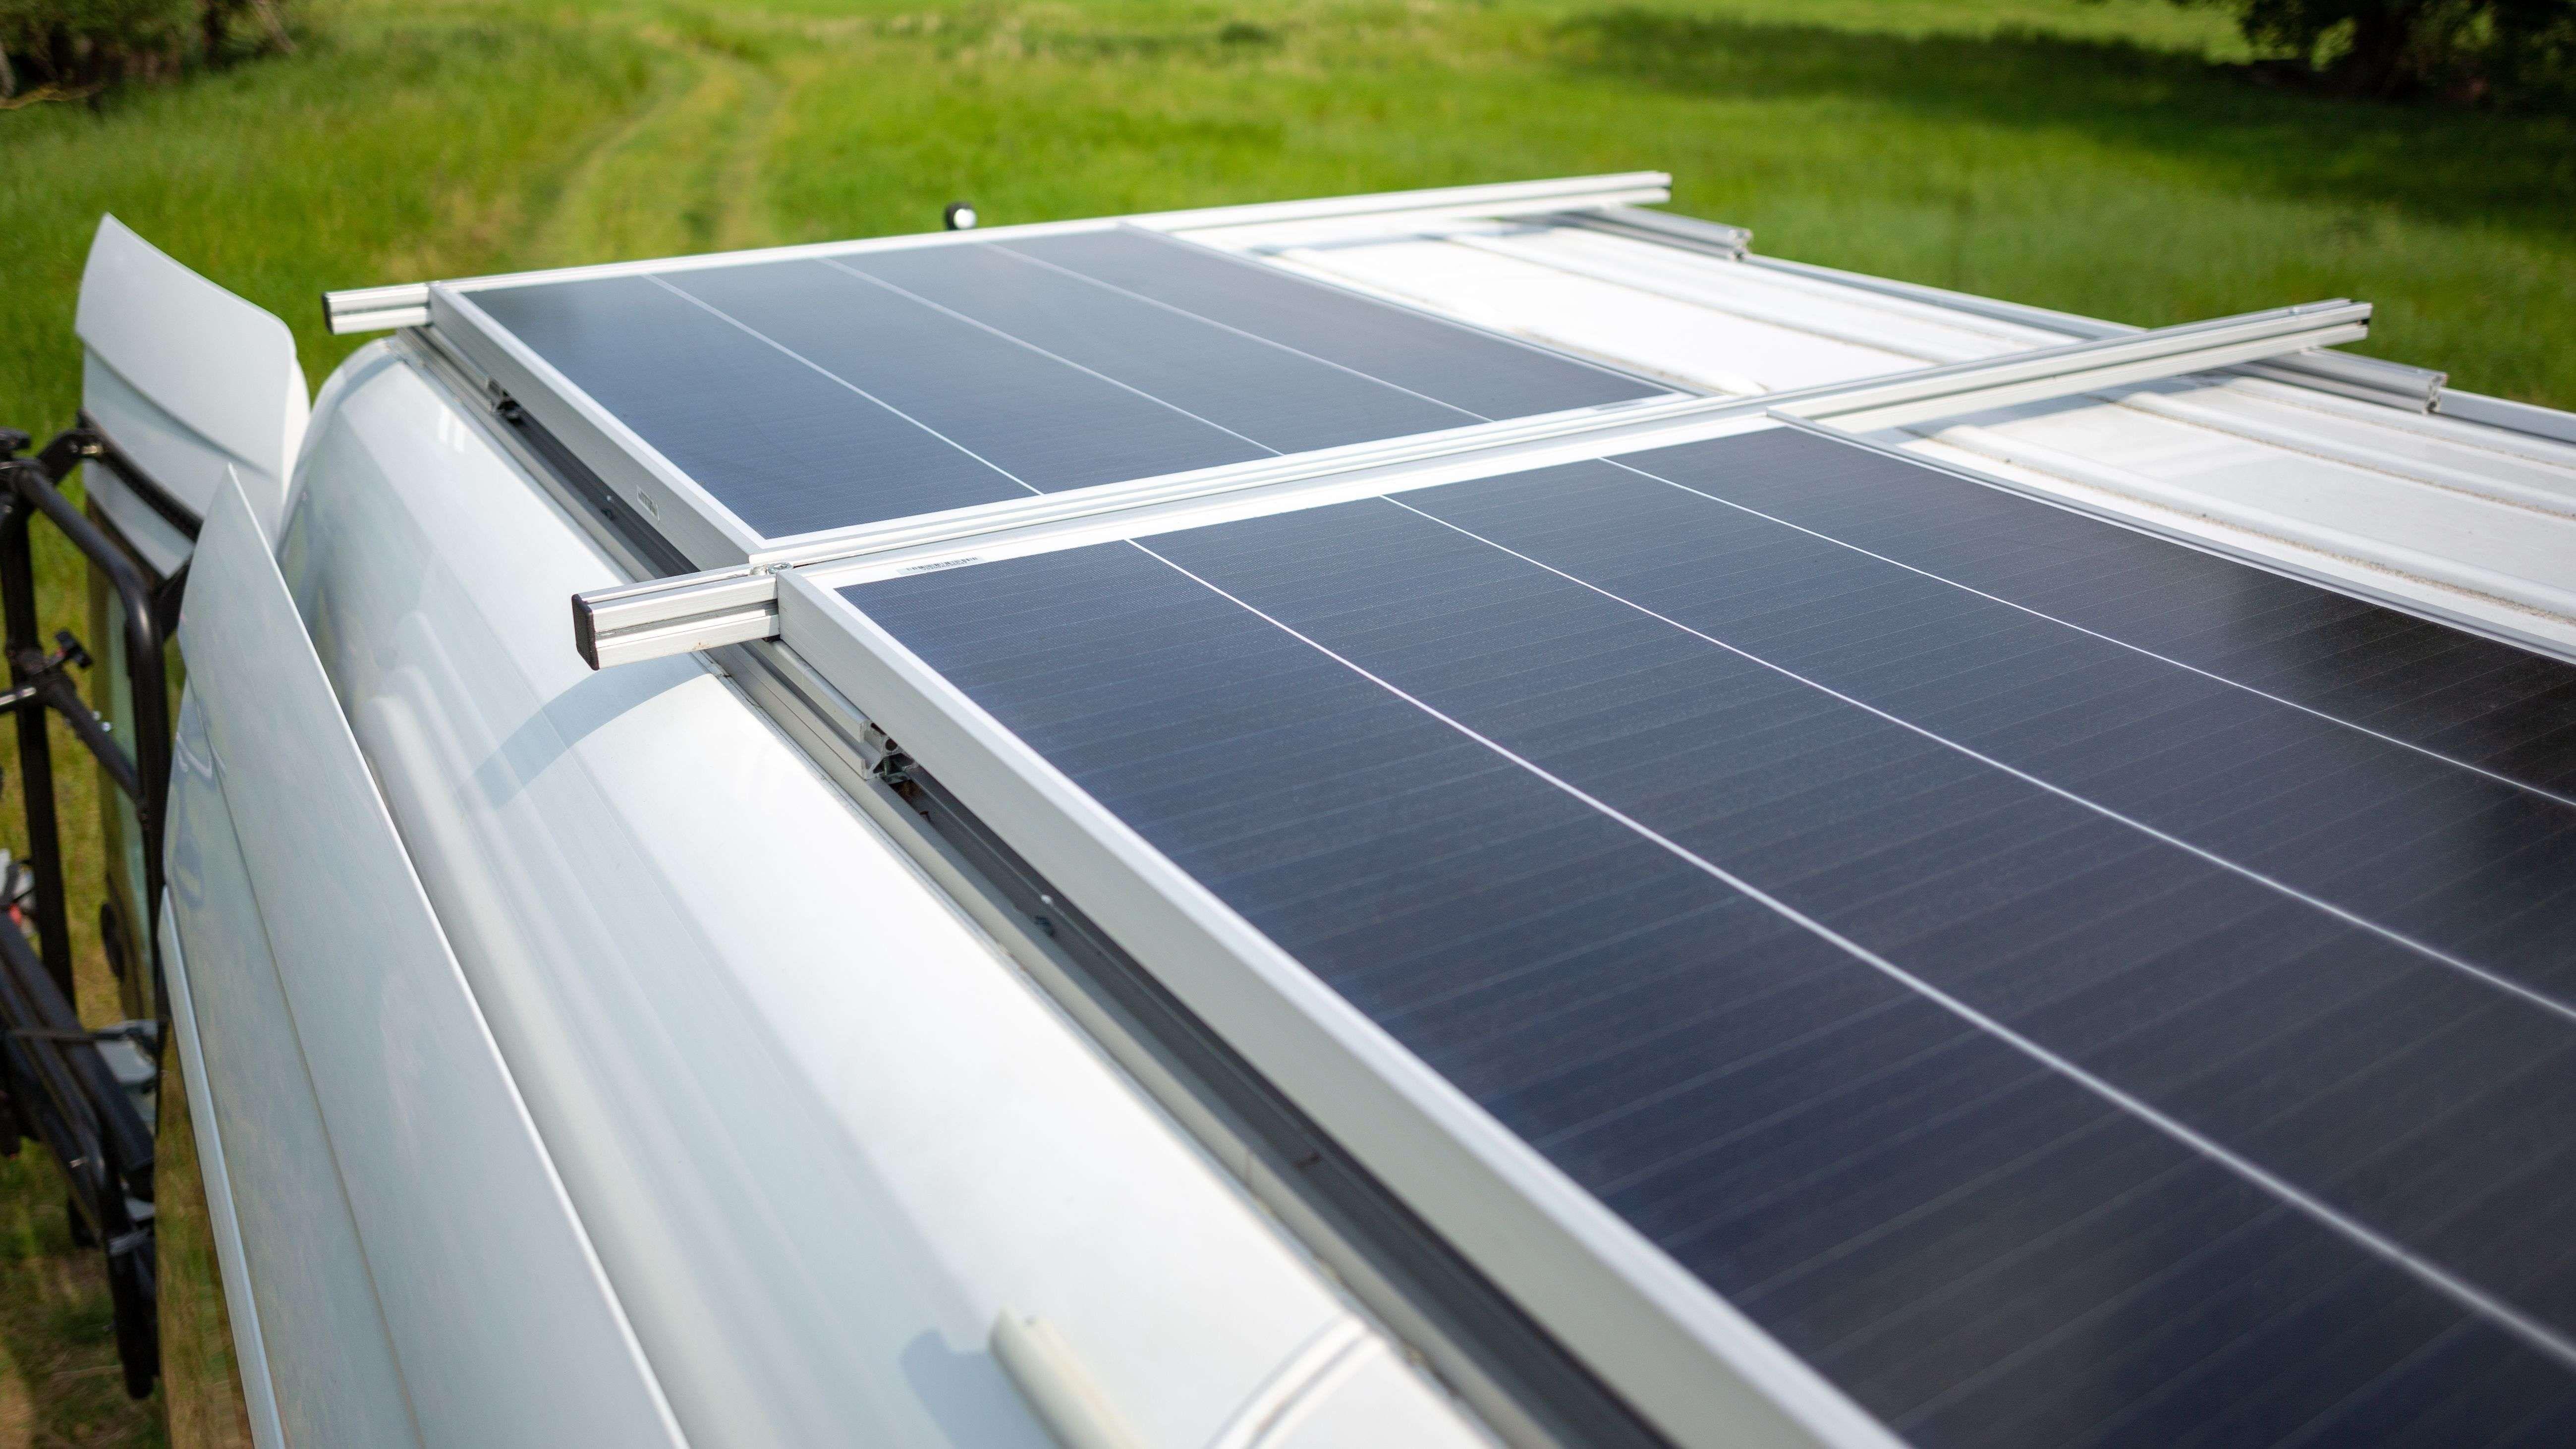 Quale pannello solare scegliere per un camper, un camion o una barca